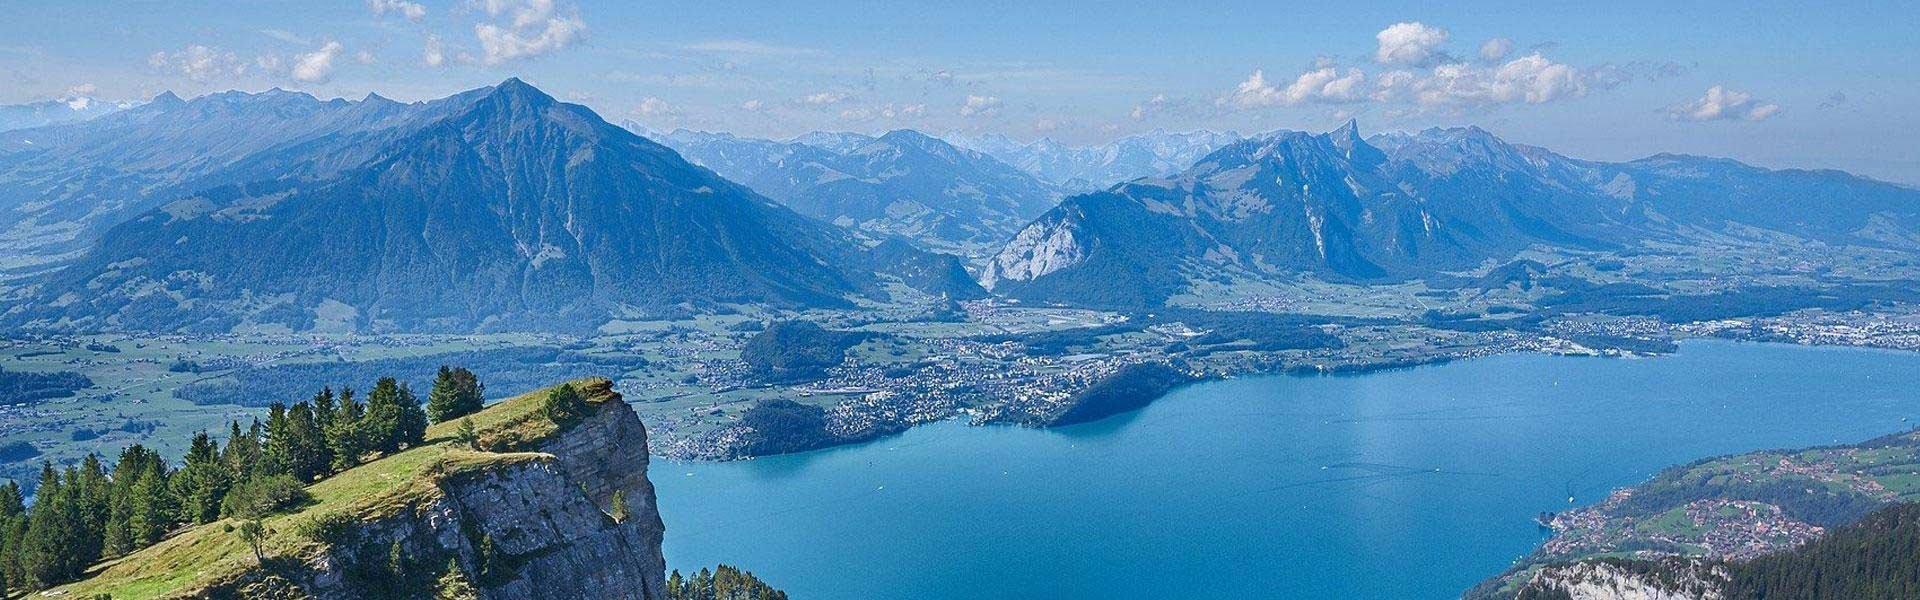 Bezoek Zwitserland tijdens een camperreis door Europa met Victoria CamperHolidays